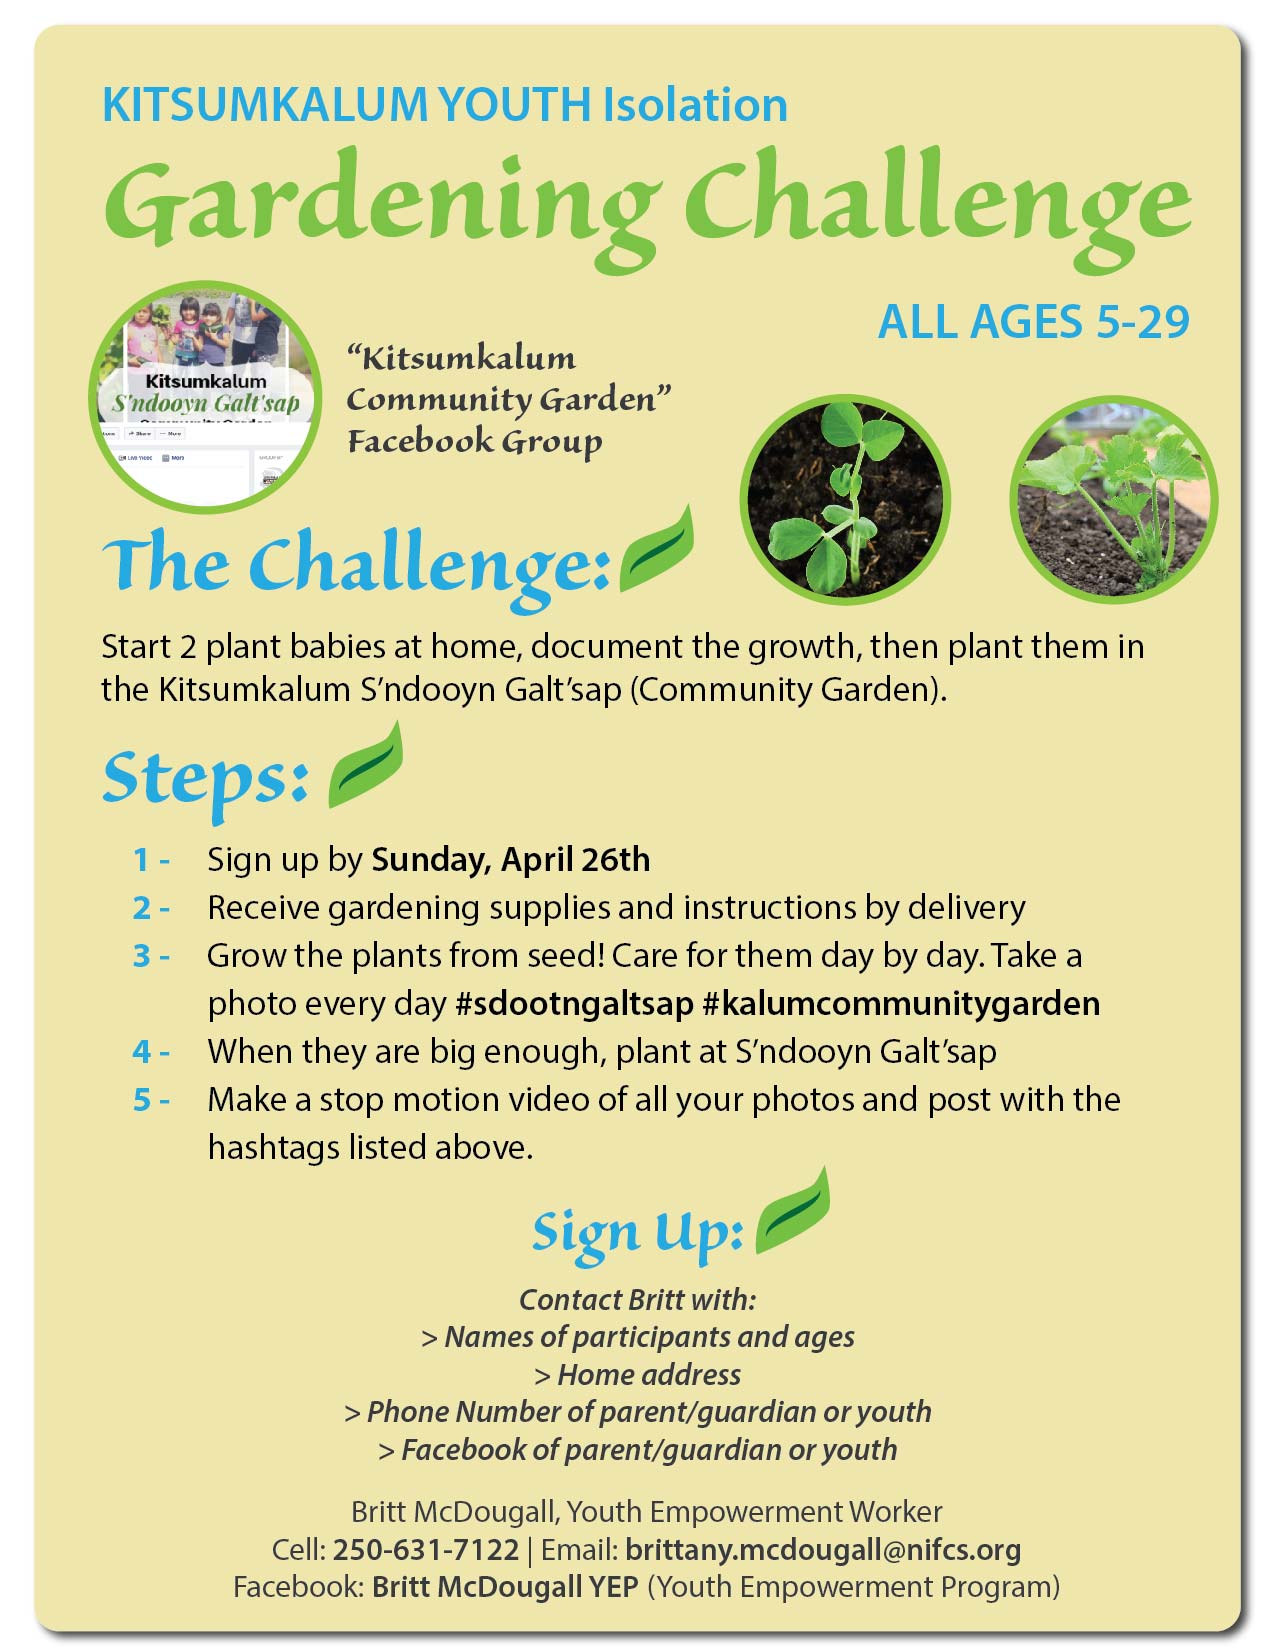 Kitsumkalum Youth Gardening Challenge